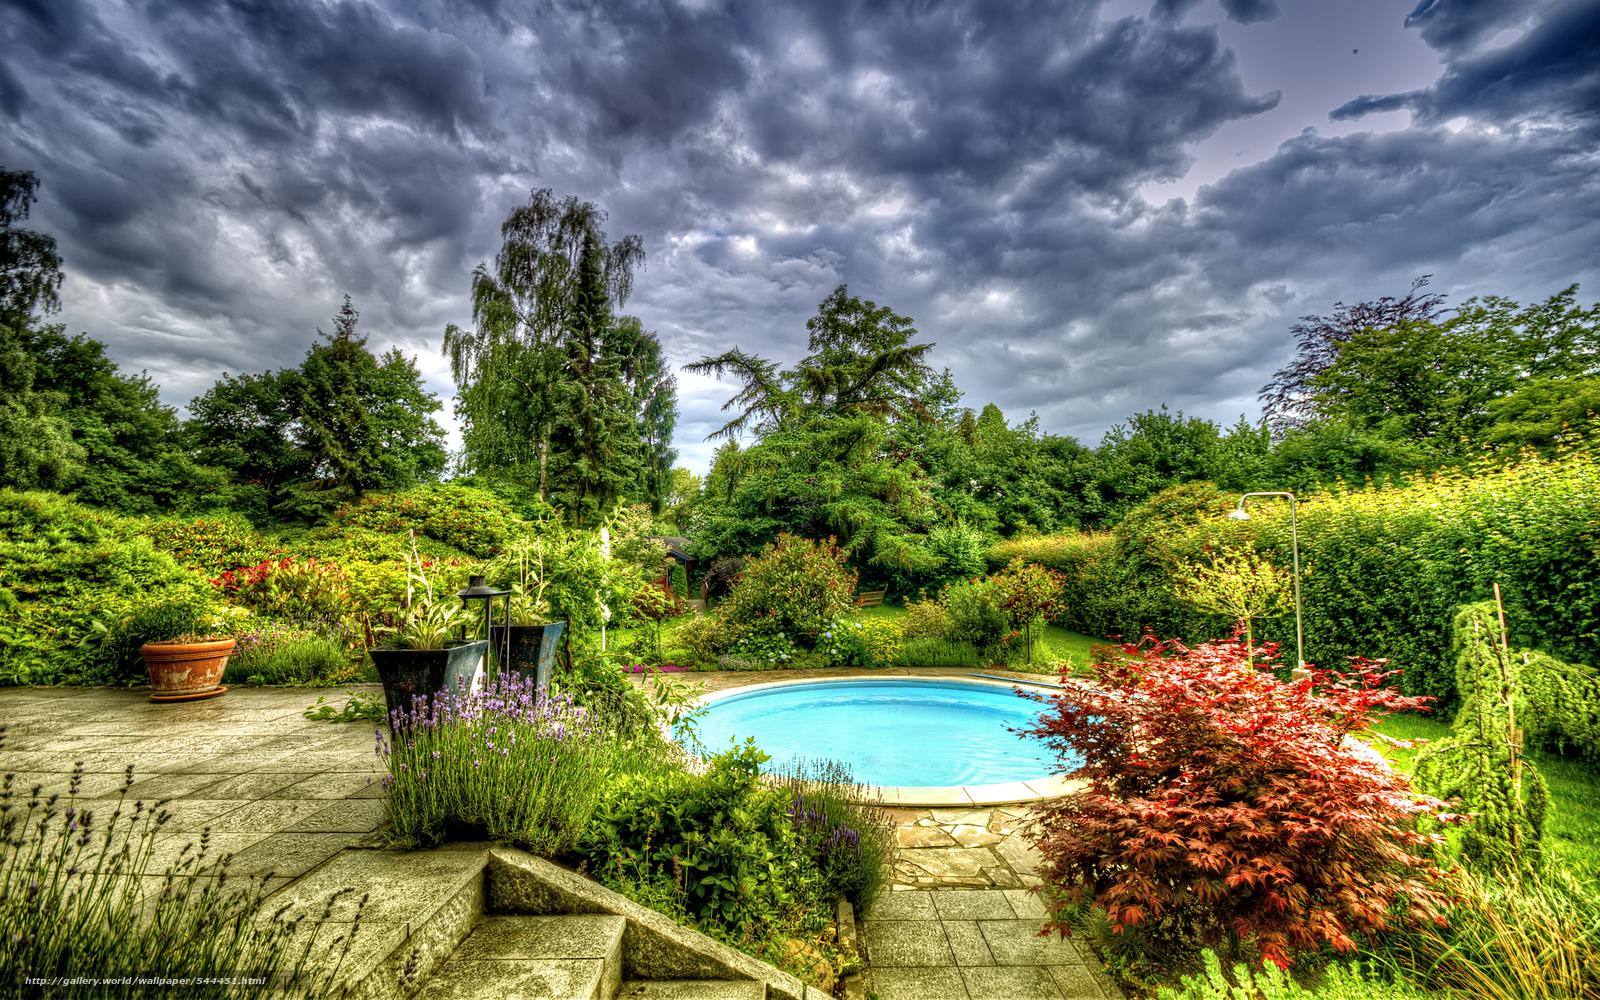 下载壁纸 花园,  水池,  树,  景观 免费为您的桌面分辨率的壁纸 2560x1600 — 图片 №544451